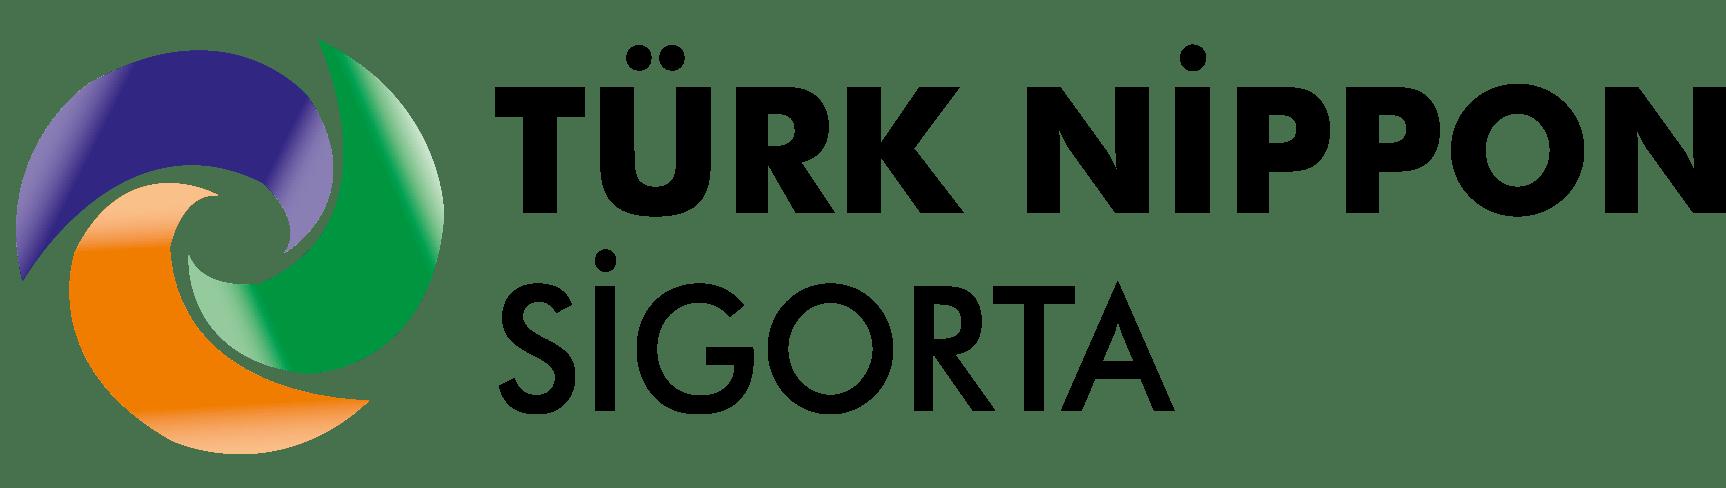 Türk Nippon Sigorta Logo [turknippon.com] png